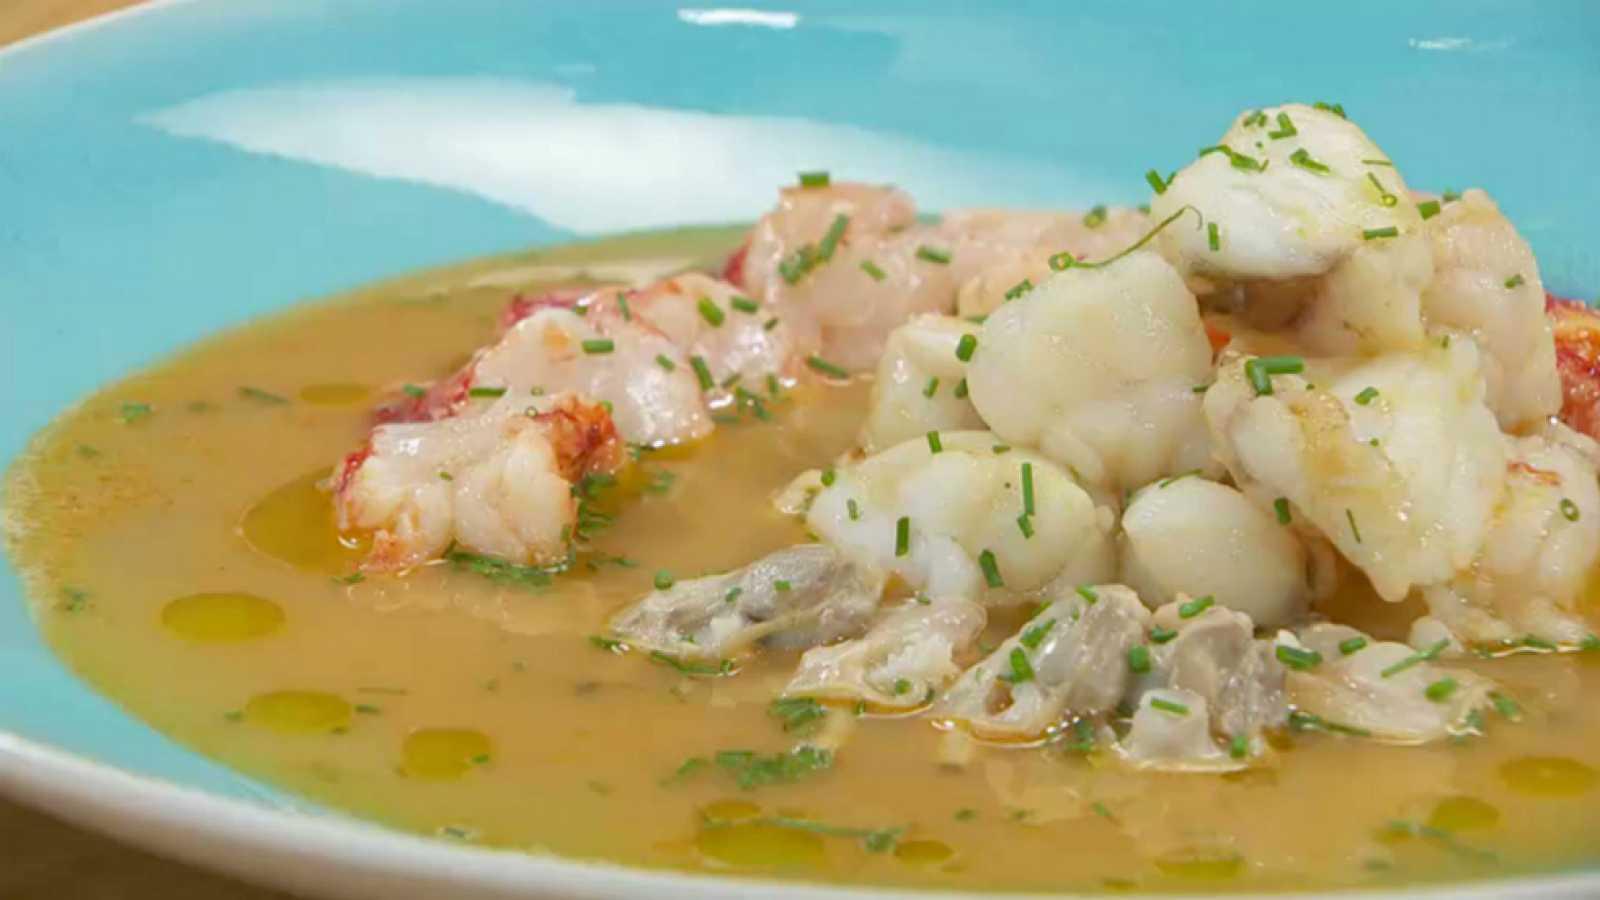 Torres en la cocina - Sopa de pescado